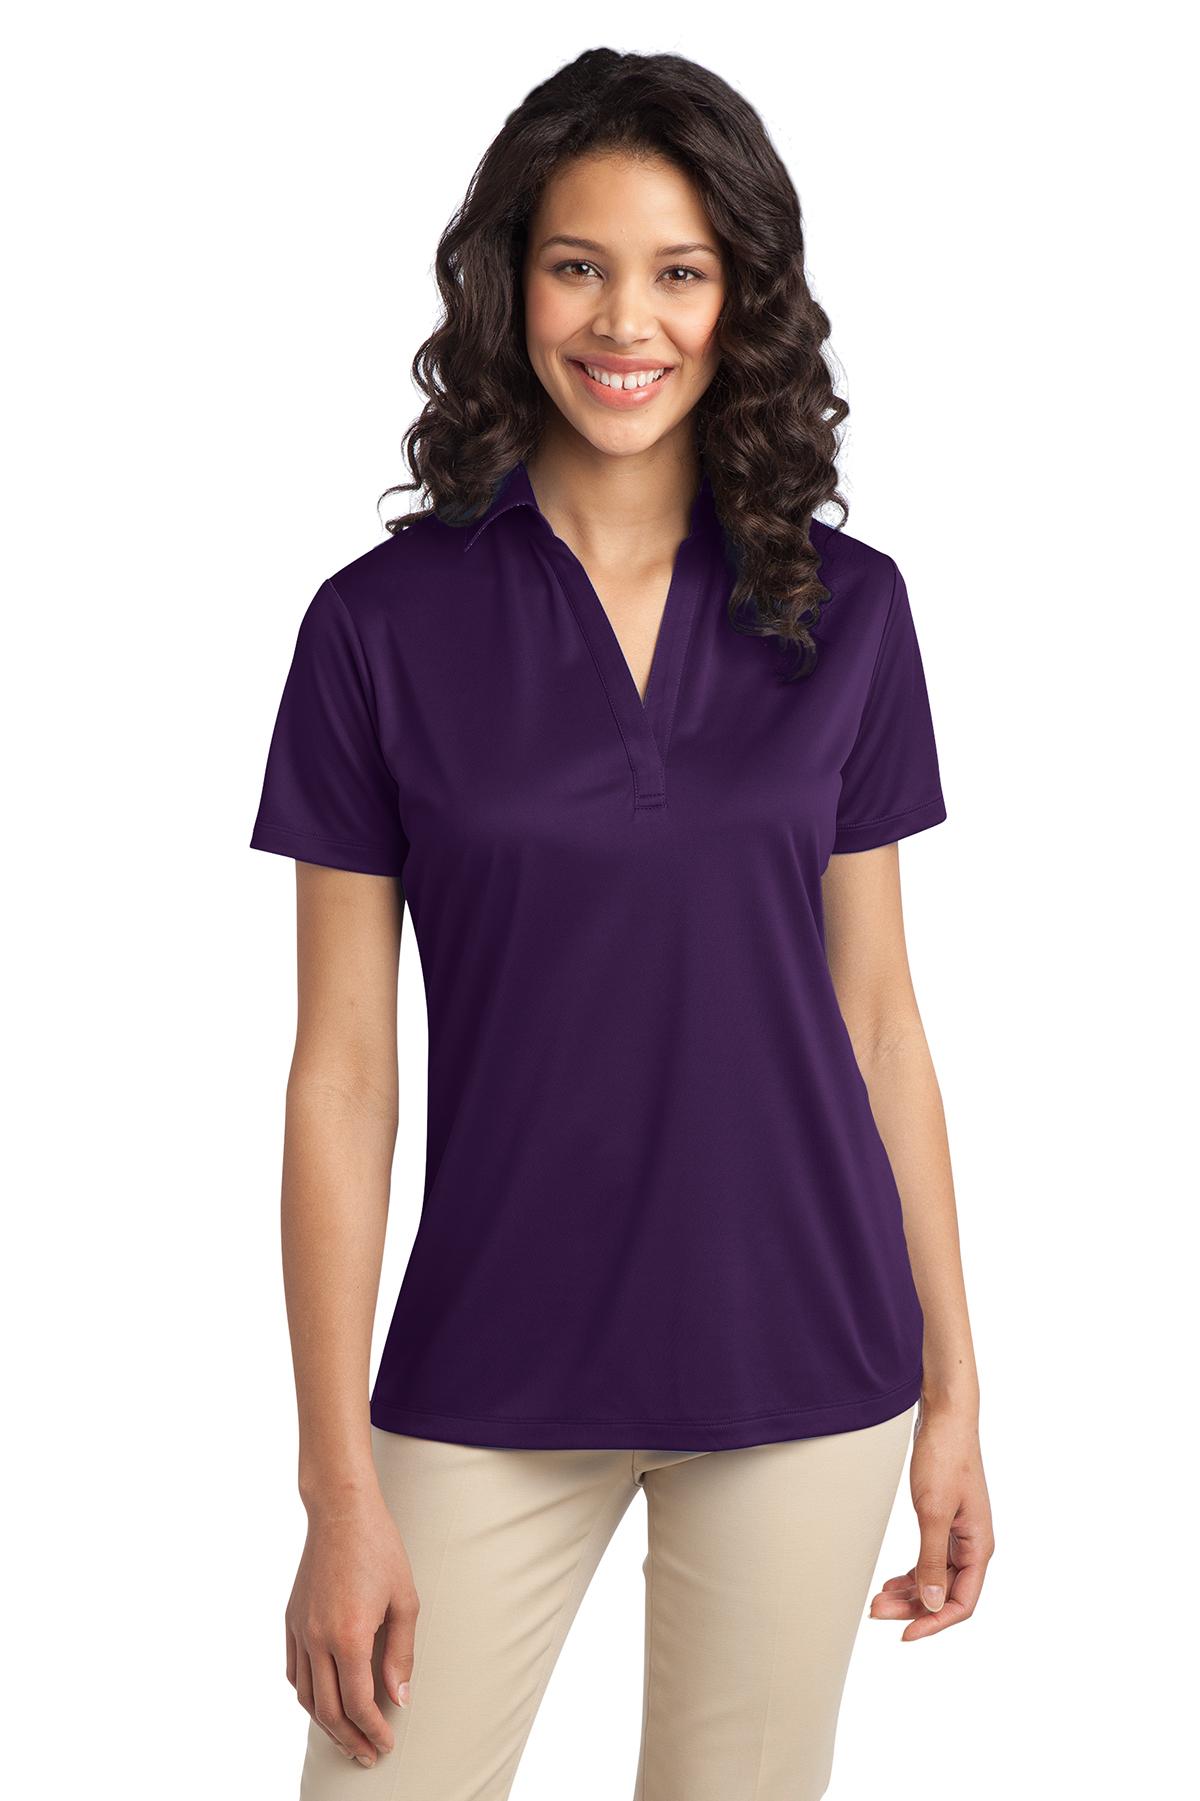 click to view Bright Purple